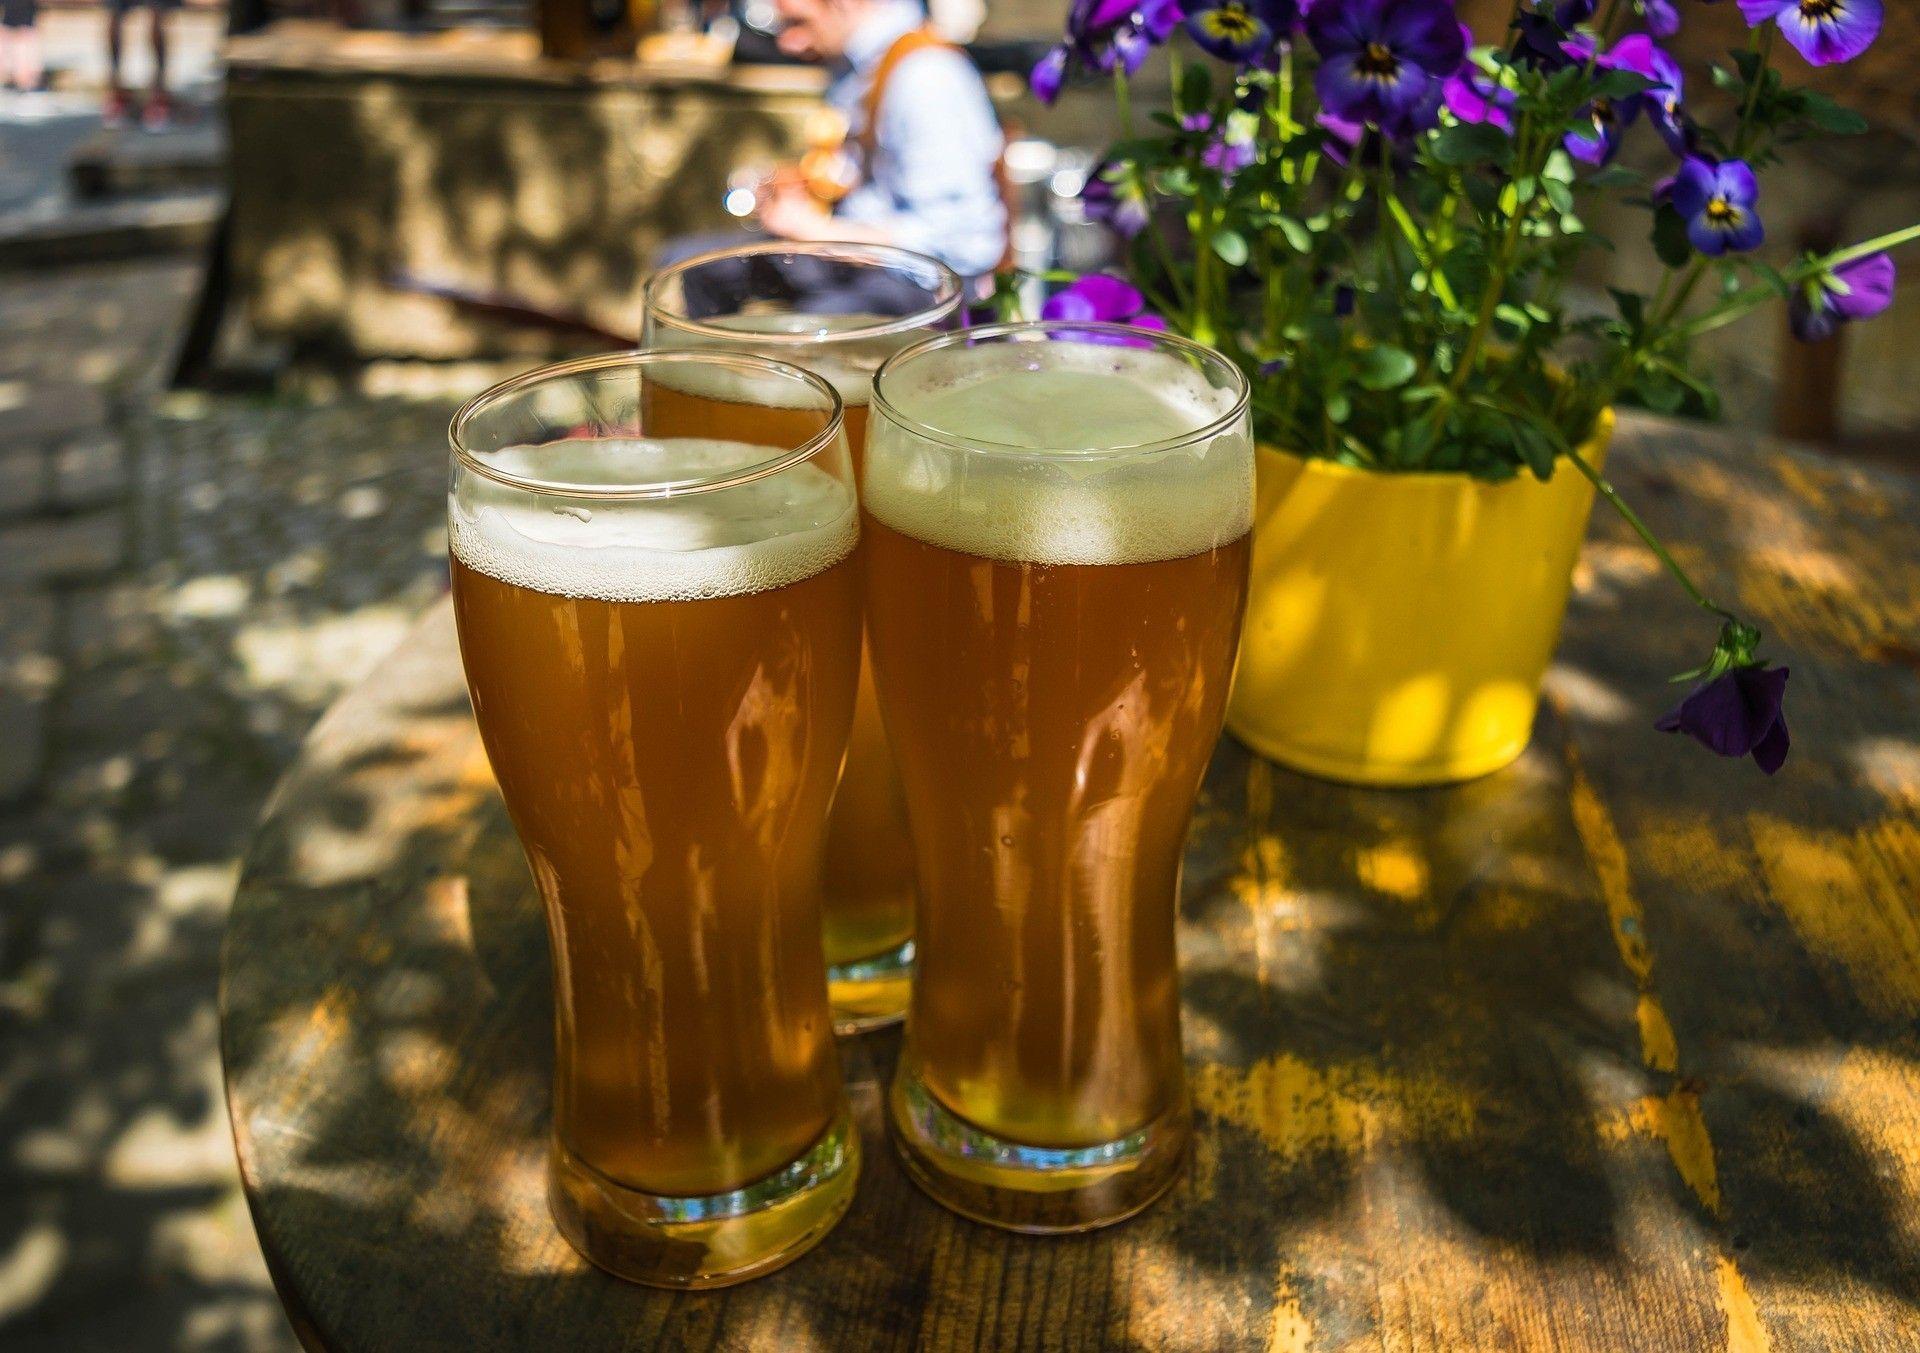 Biergärten sorgen im Saarland vor allem bei sonnigem Wetter für  Urlaubsfeeling. Die 7 schönsten Biergärten, die das Saarland zu bi…   Beer, Drinking  beer, Best beer